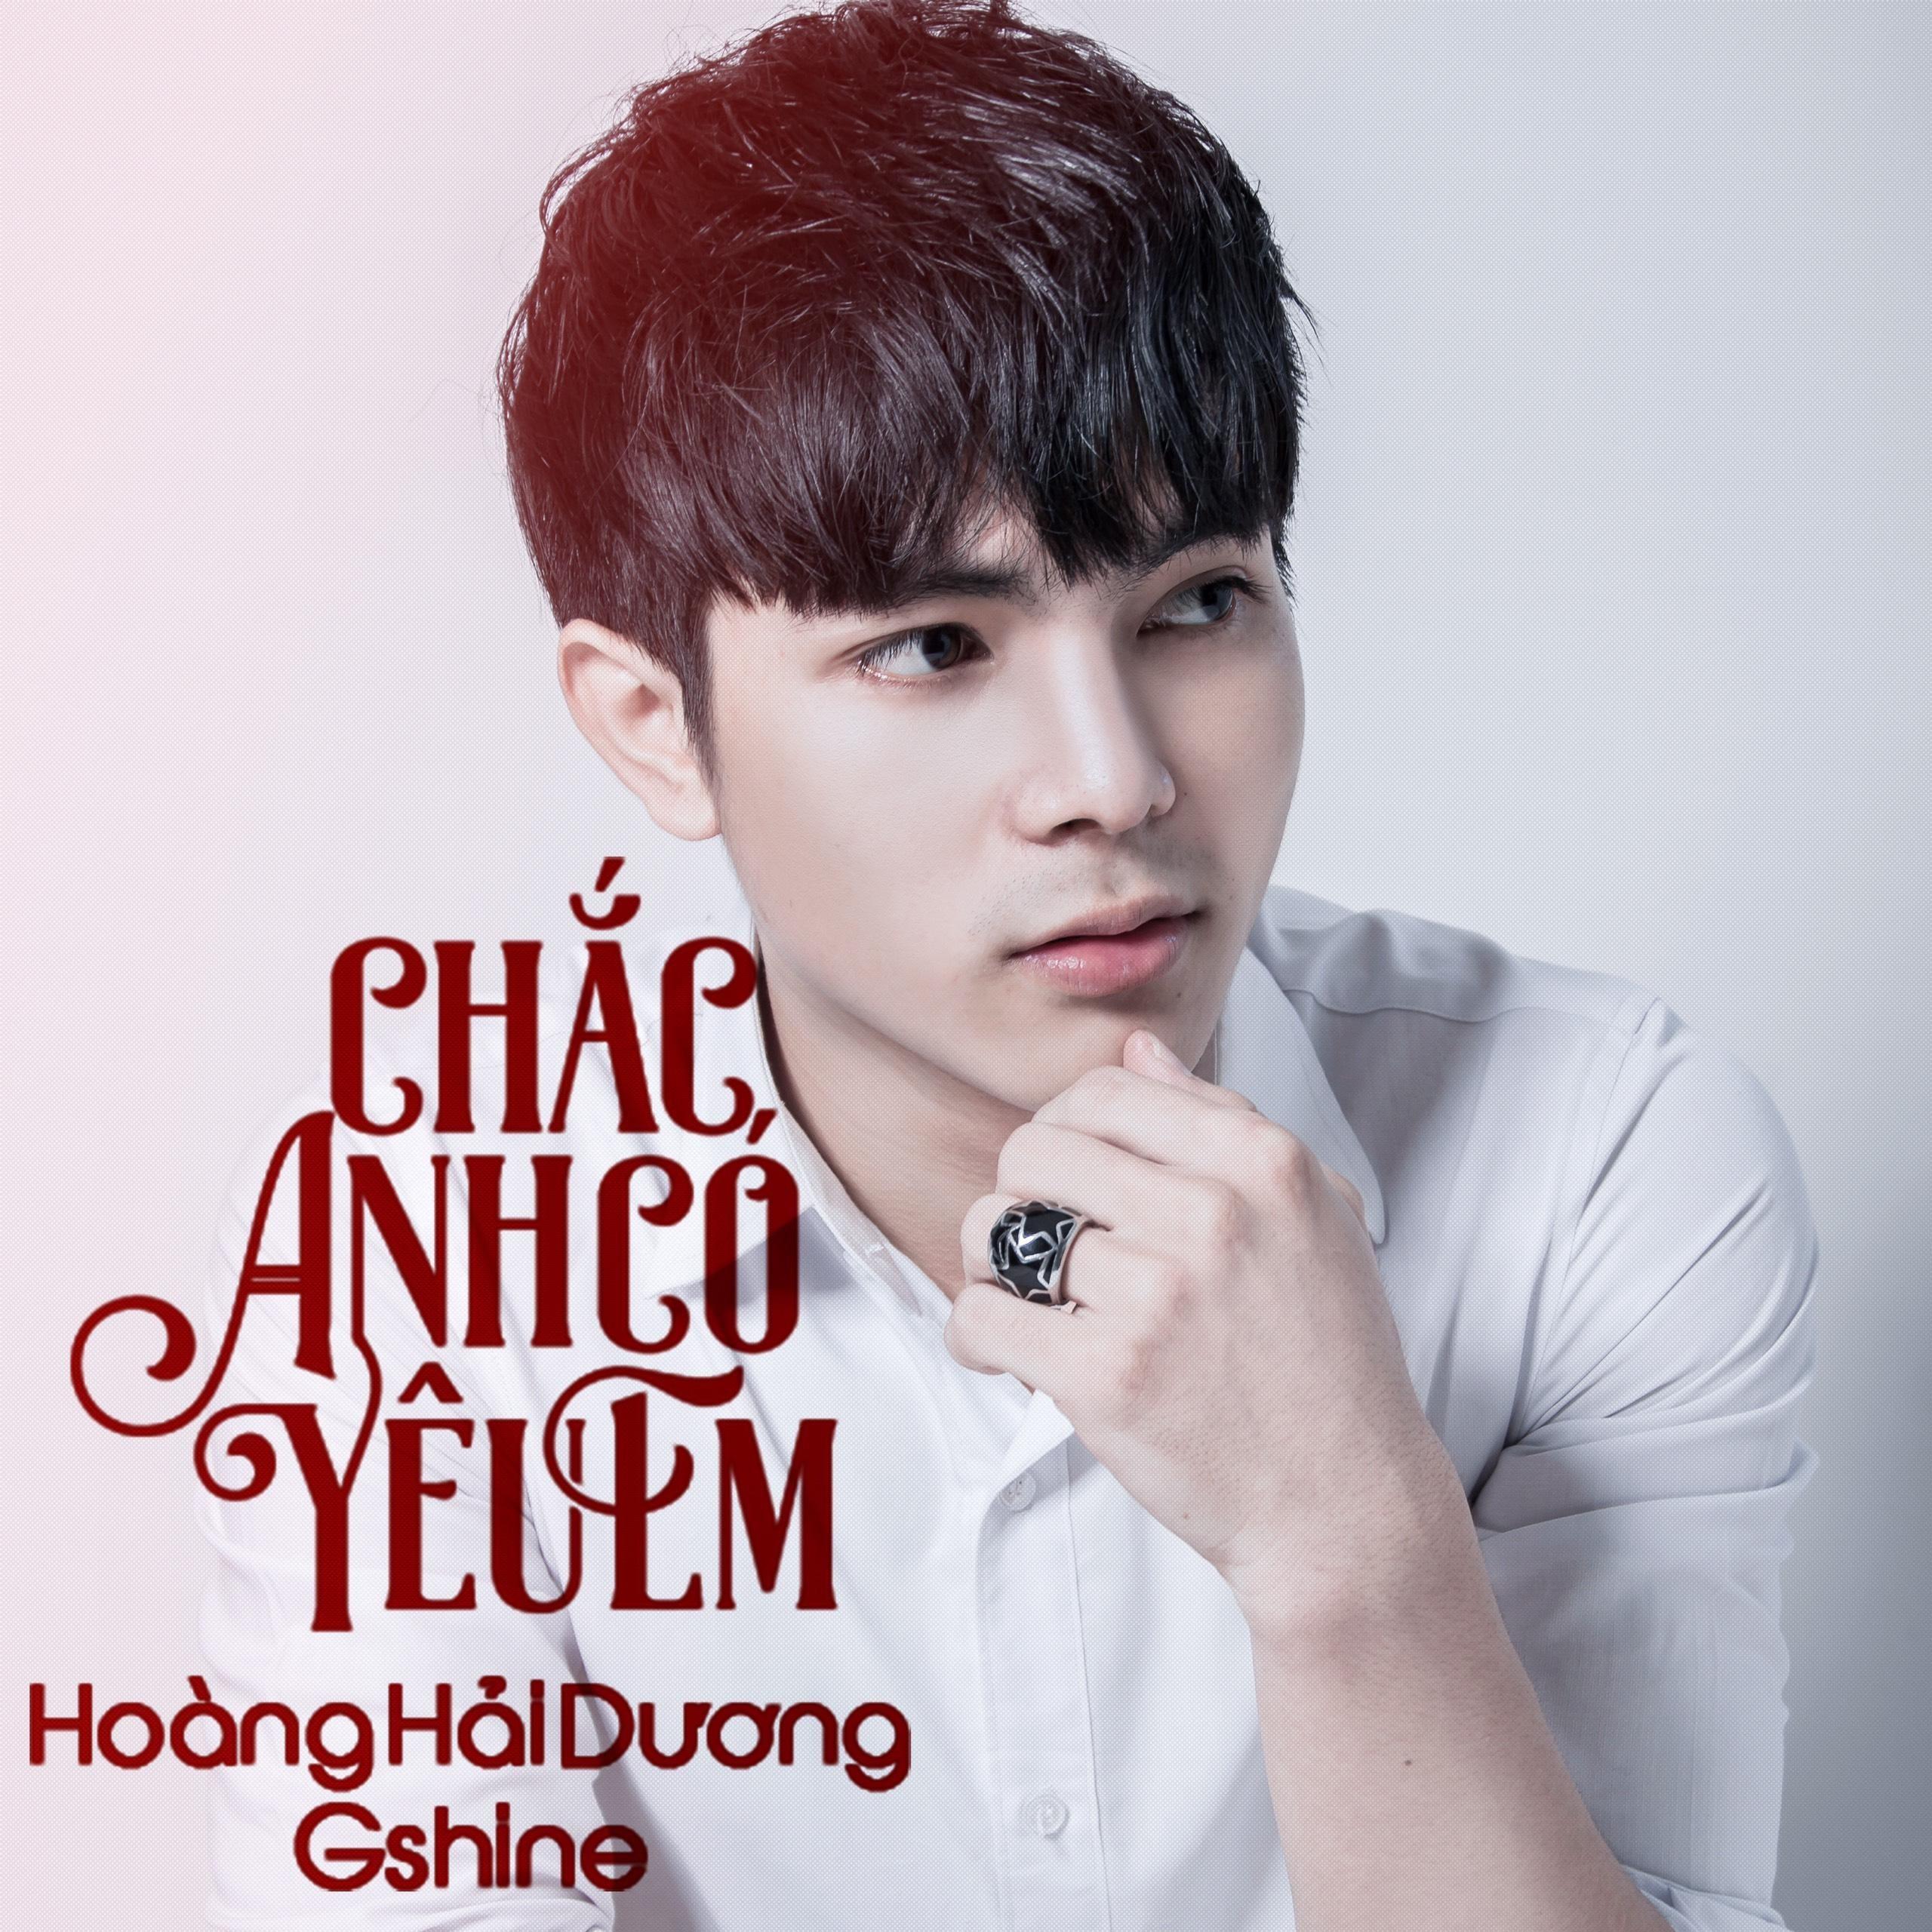 Chắc Anh Có Yêu Em (Cover) (Single) - Hoàng Hải Dương - Nhóm G-Shine